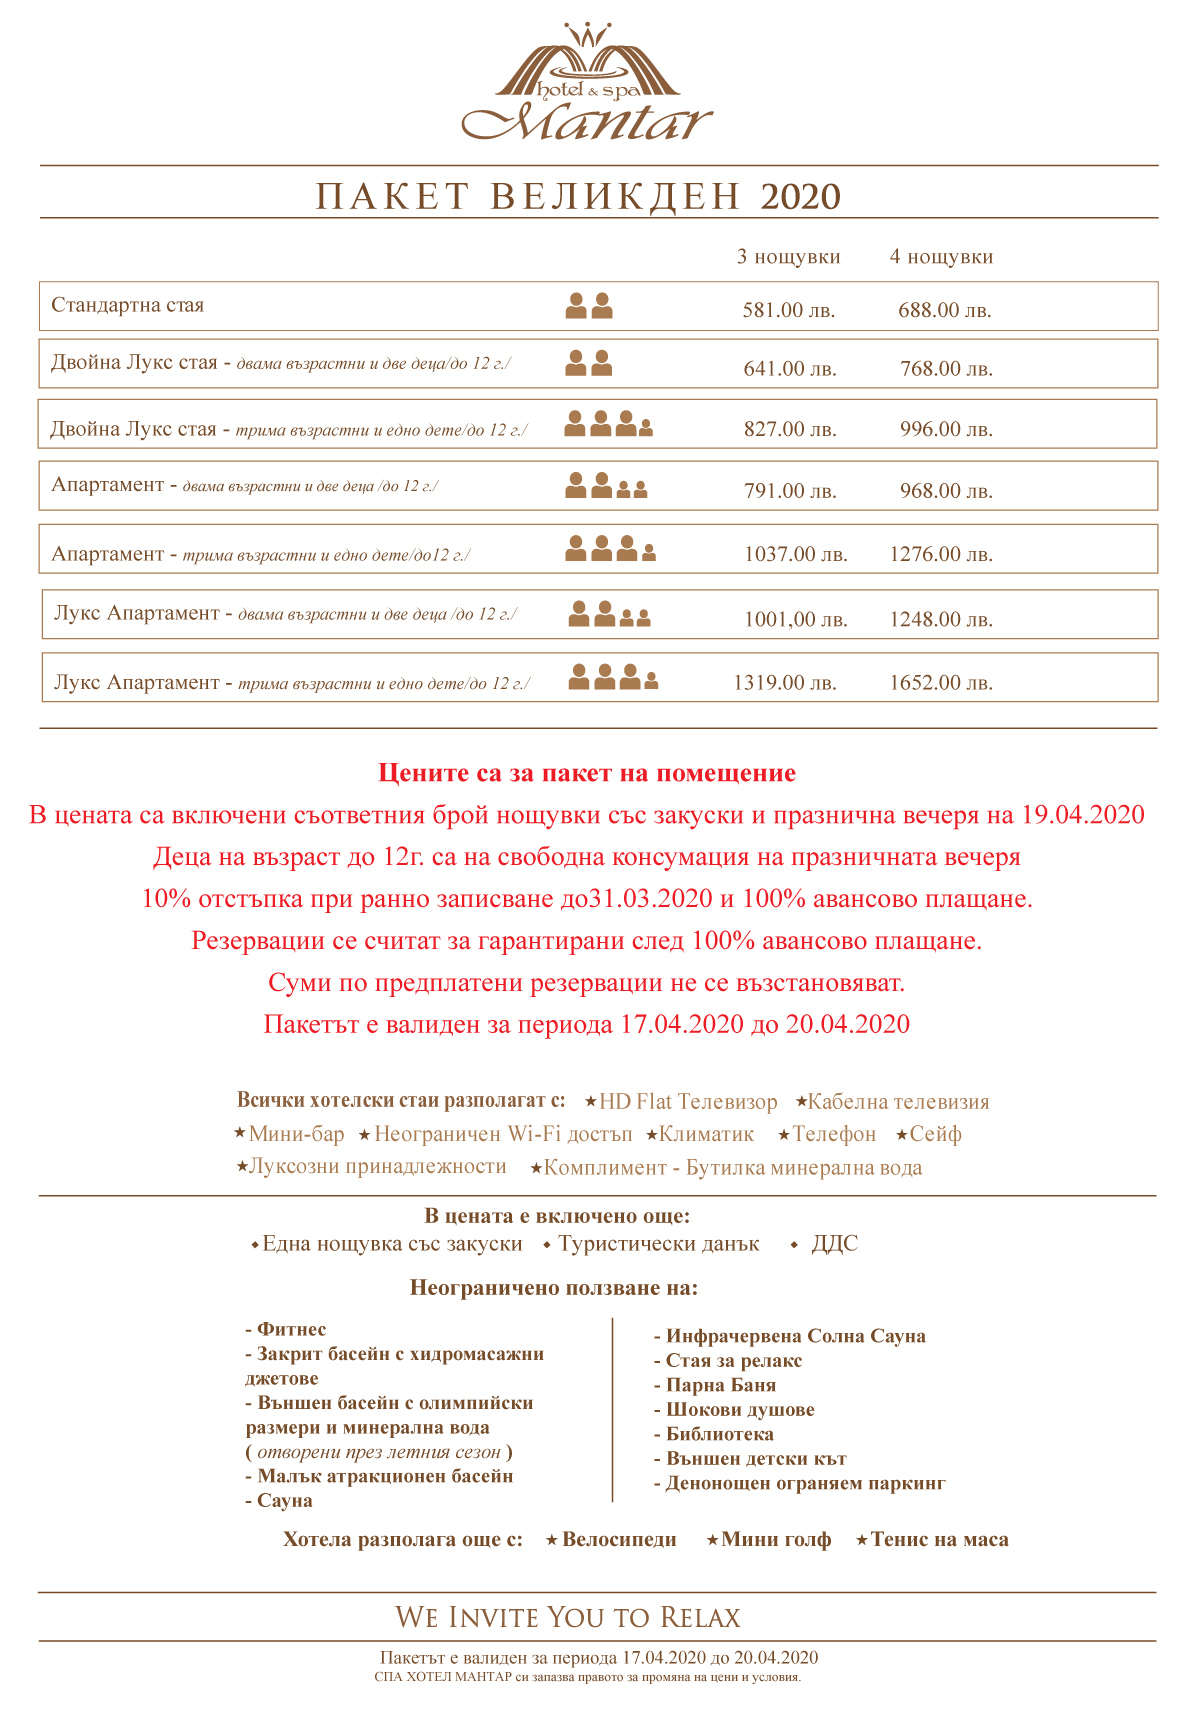 Hotel-Mantar-Price-Velikden-2020